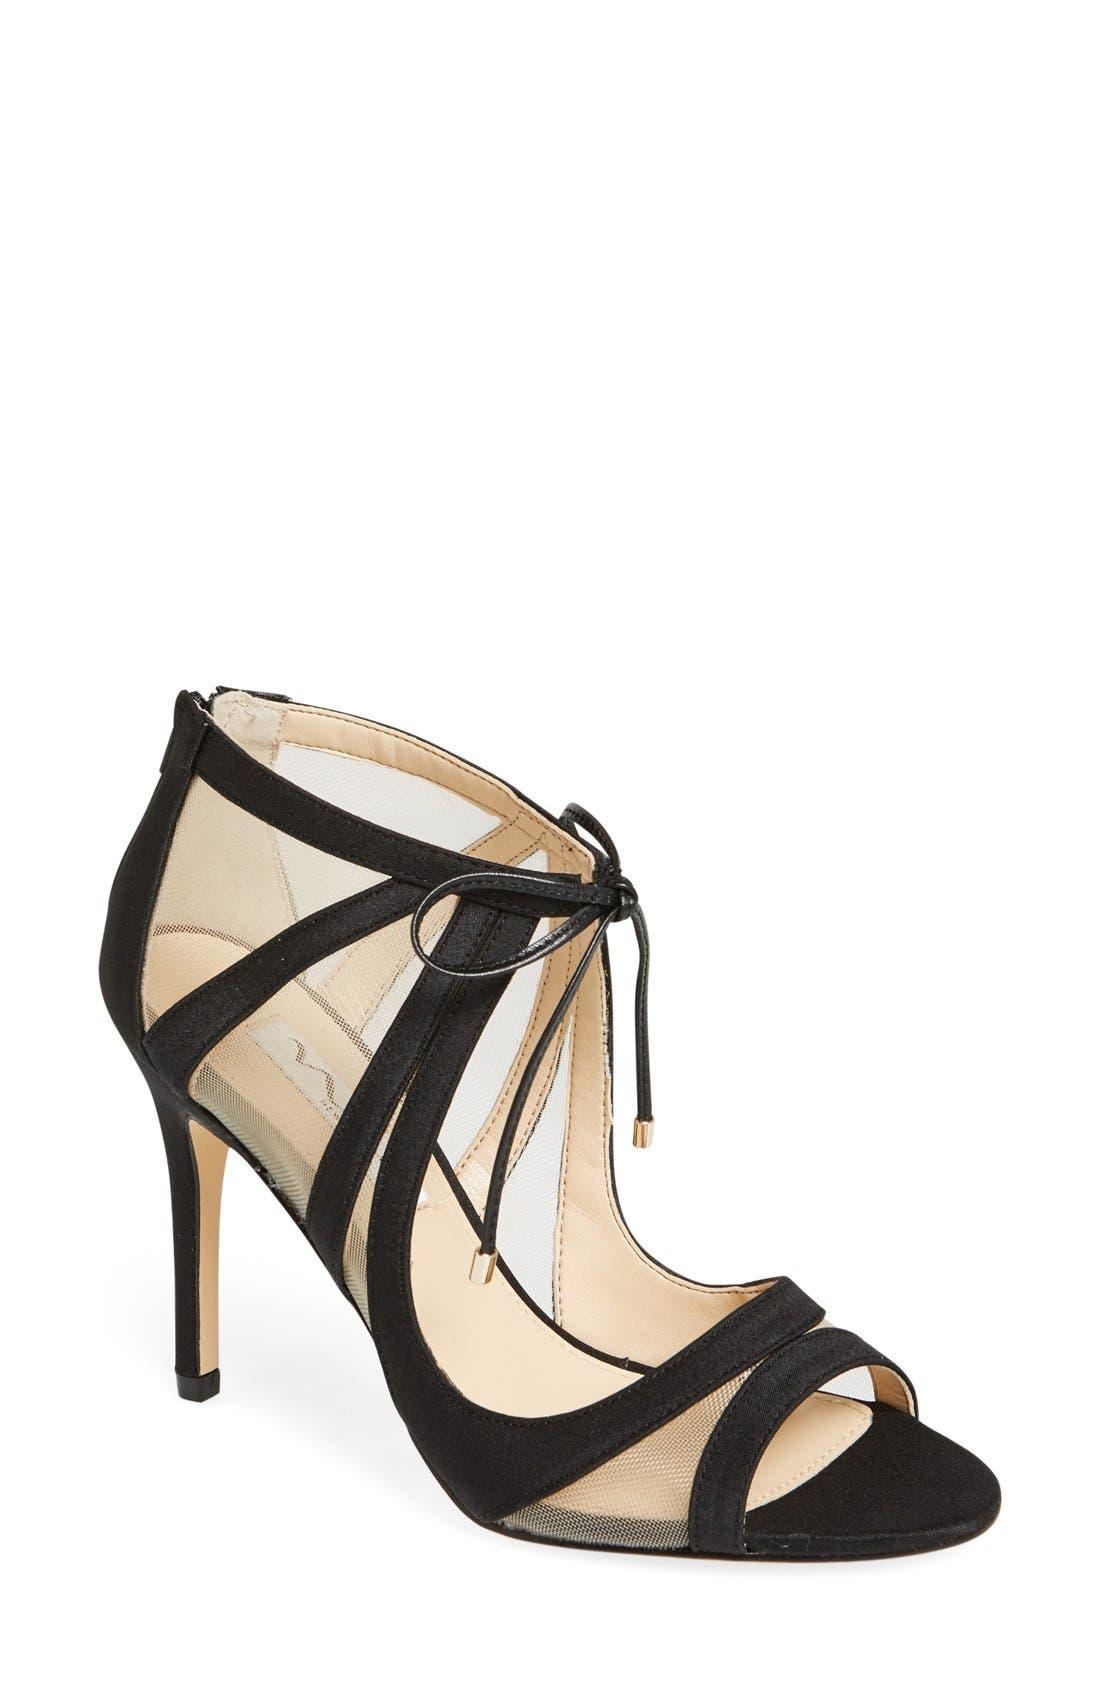 Cherie Illusion Sandal,                             Main thumbnail 1, color,                             BLACK SATIN/ NUDE MESH